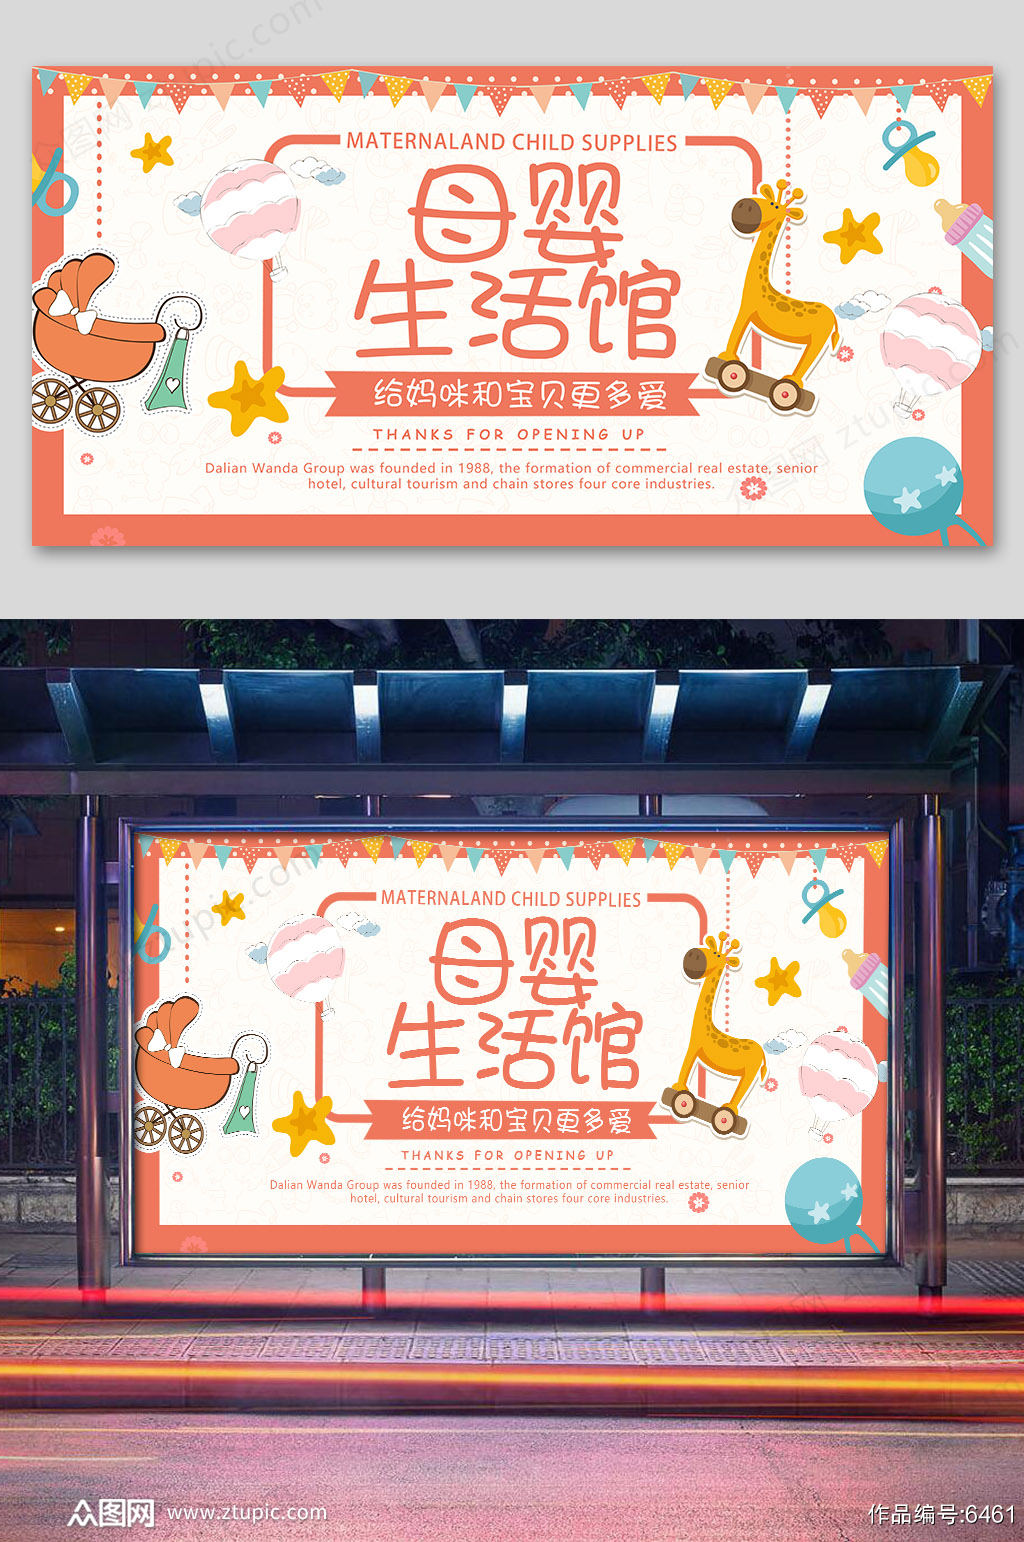 简约扁平母婴橙色母婴用品海报素材